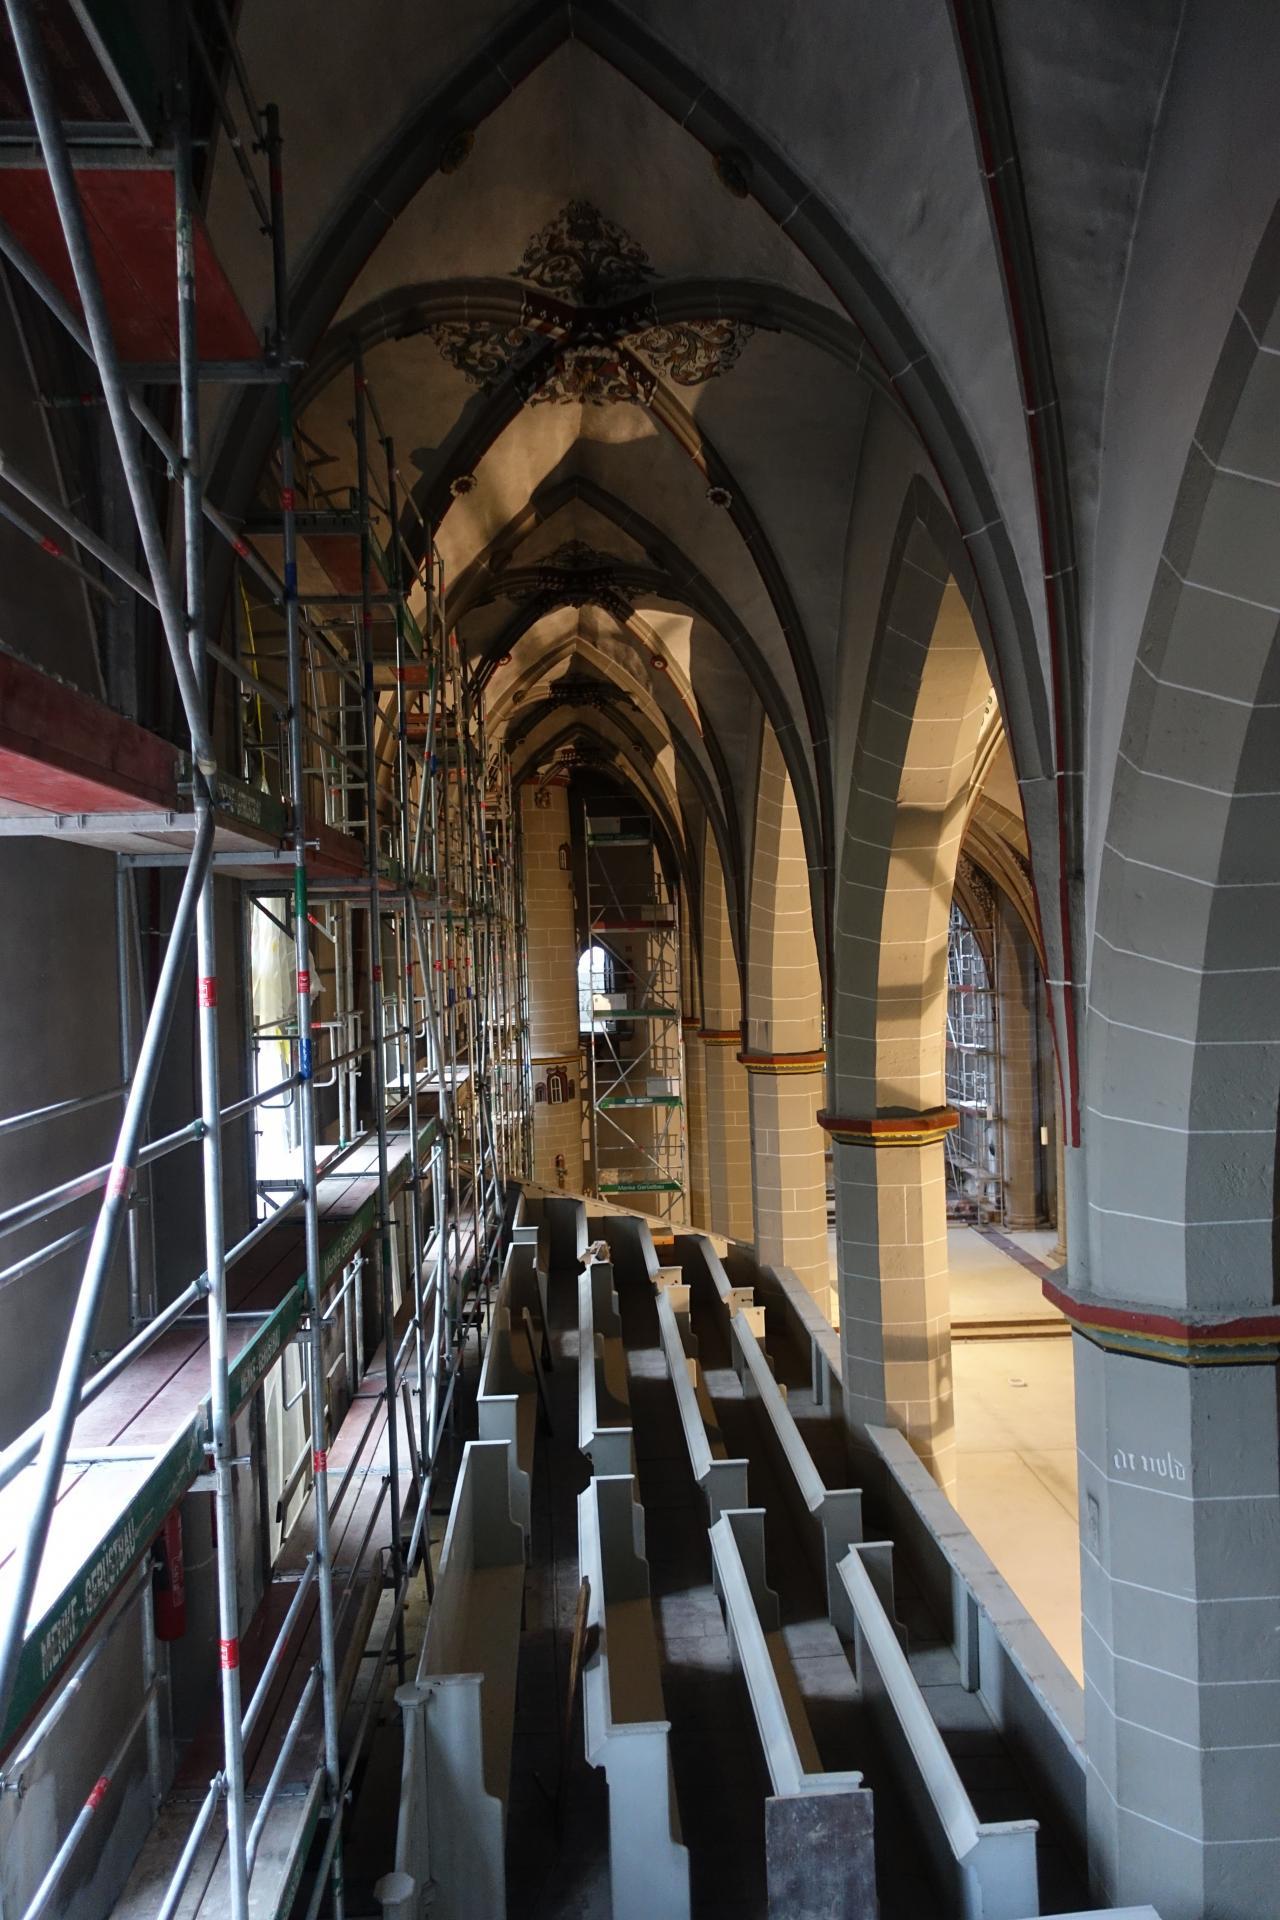 Nördliche Seitenwand mit den noch nicht wieder eingesetzten mittelalterlichen Fenstern. Ganz hinten der Blick in die Büßerkammer.